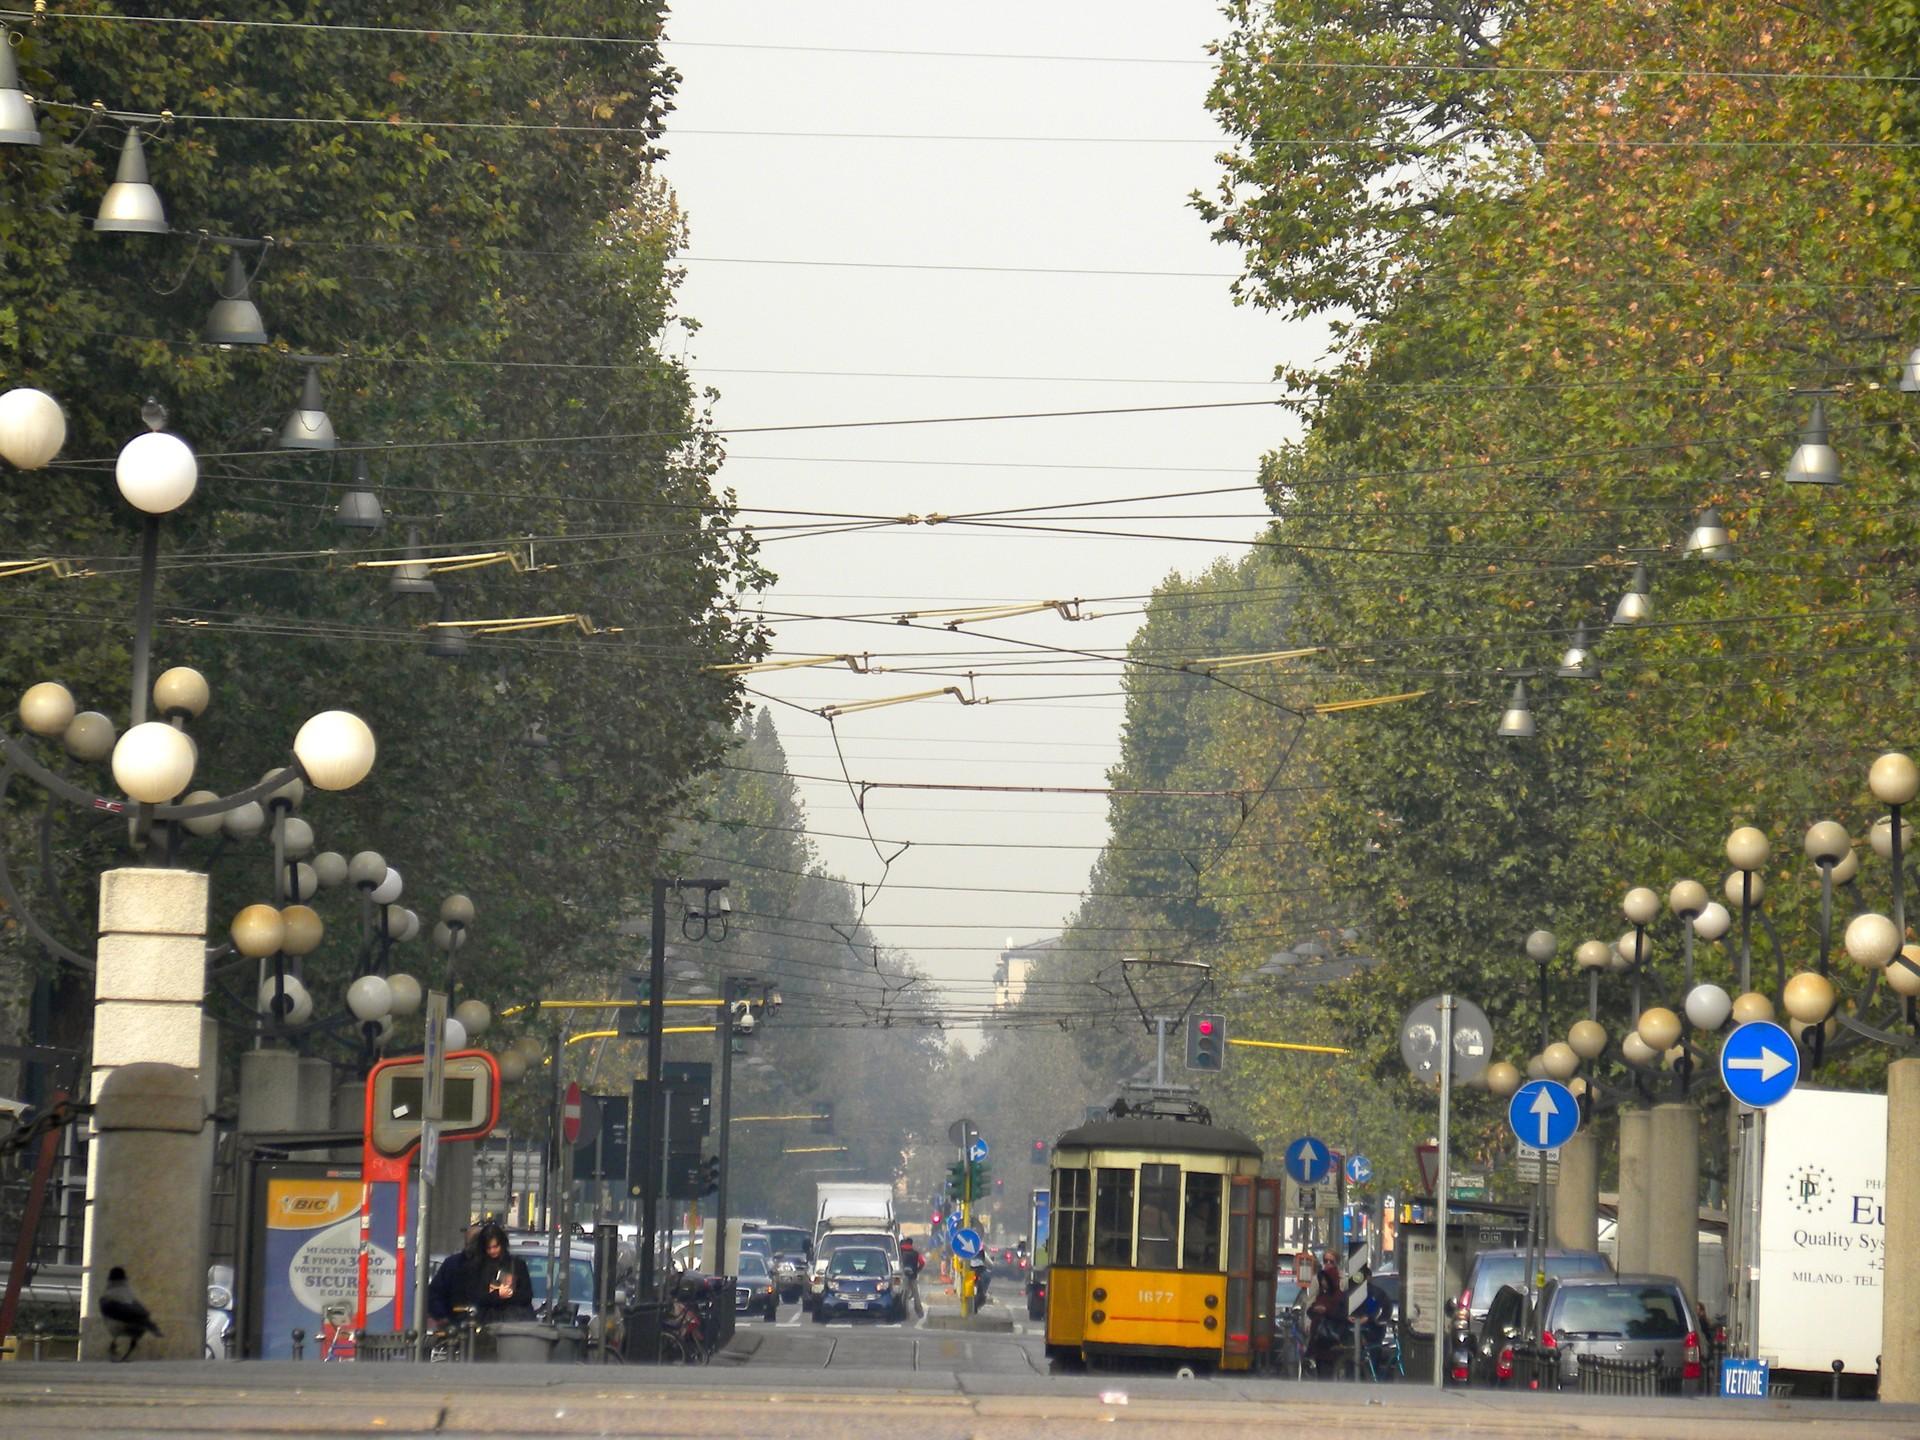 Trovare casa a Milano... come dove e a che prezzo?